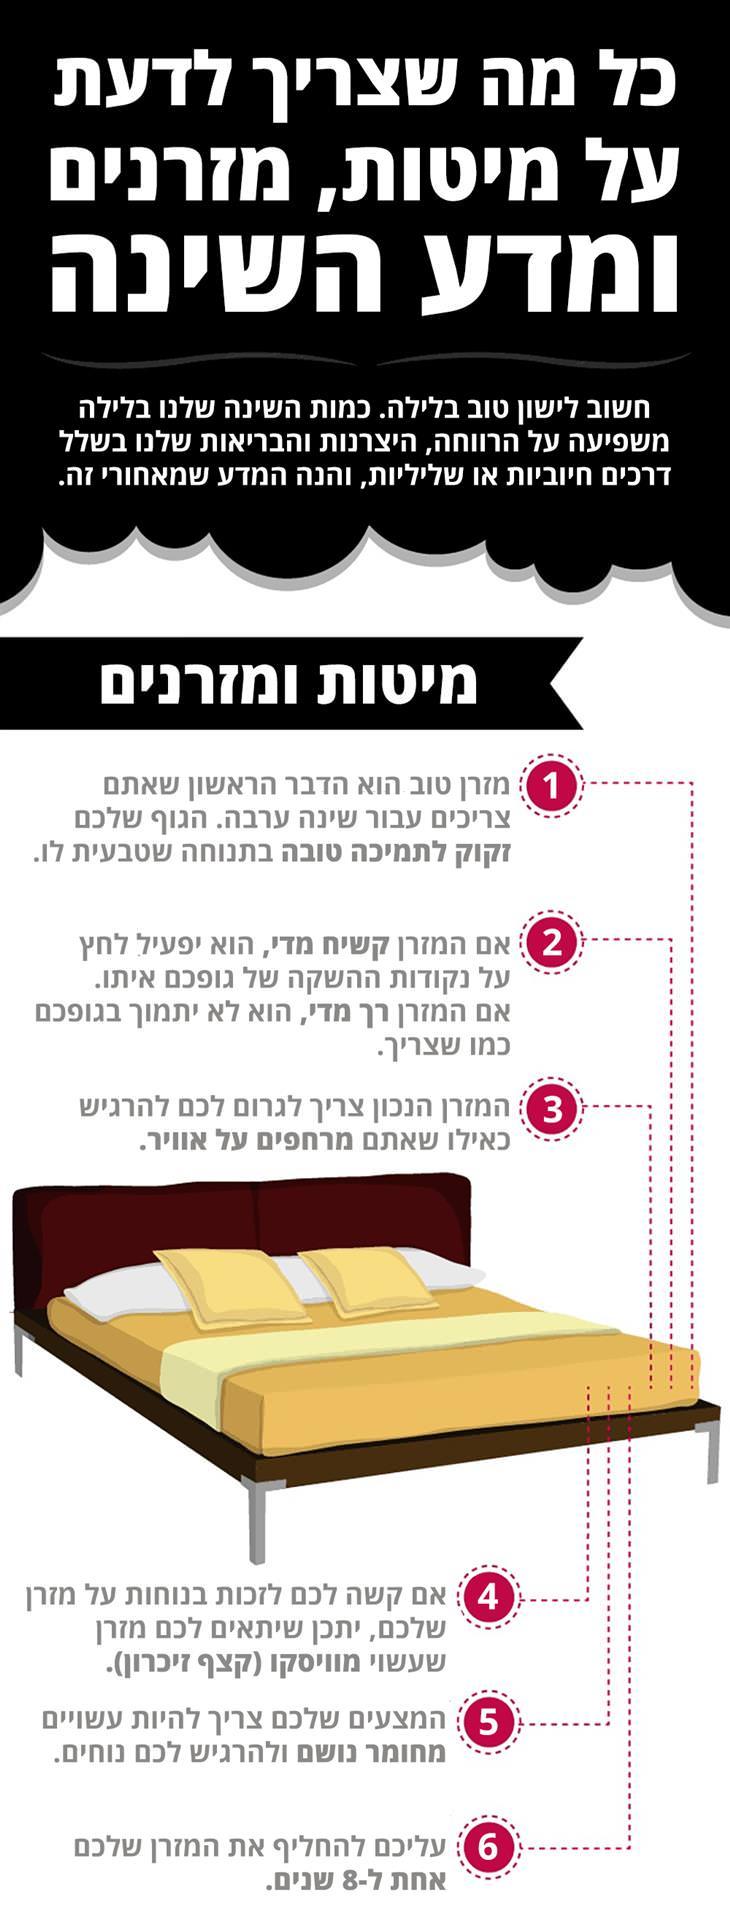 איך לישון טוב בלילה: מיטות ומזרנים